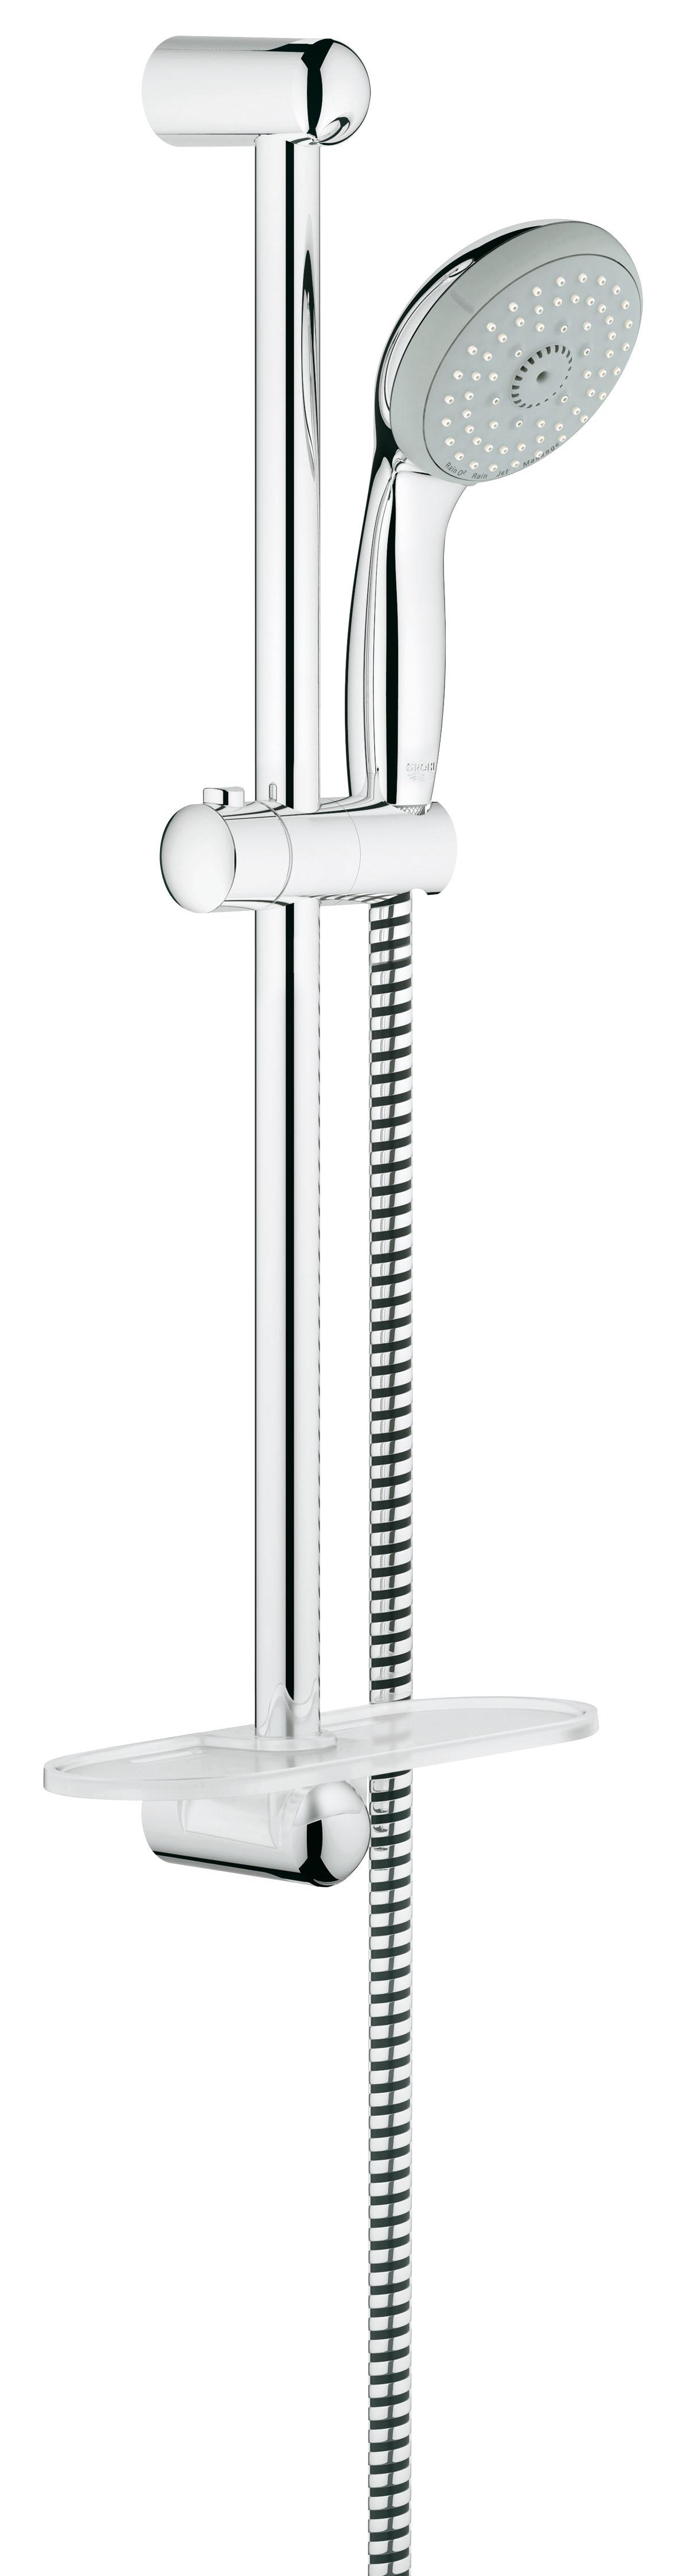 Душевой комплект с полочкой GROHE New Tempesta, штанга 600мм. (28593001)28593001Включает в себя: Ручной душ (28 578 001) Душевая штанга, 600 мм (27 523 000) Душевой шланг Relexaflex 1750 мм 1/2? x 1/2? (28 154 000) Полочка GROHE EasyReach™(27 596 000) GROHE DreamSpray превосходный поток воды GROHE StarLight хромированная поверхностьС системой SpeedClean против известковых отложений Внутренний охлаждающий канал для продолжительного срока службы ShockProof силиконовое кольцо, предотвращающееПовреждение поверхности при падении ручного душа Может использоваться с проточным водонагревателемВидео по установке является исключительно информационным. Установка должна проводиться профессионалами!